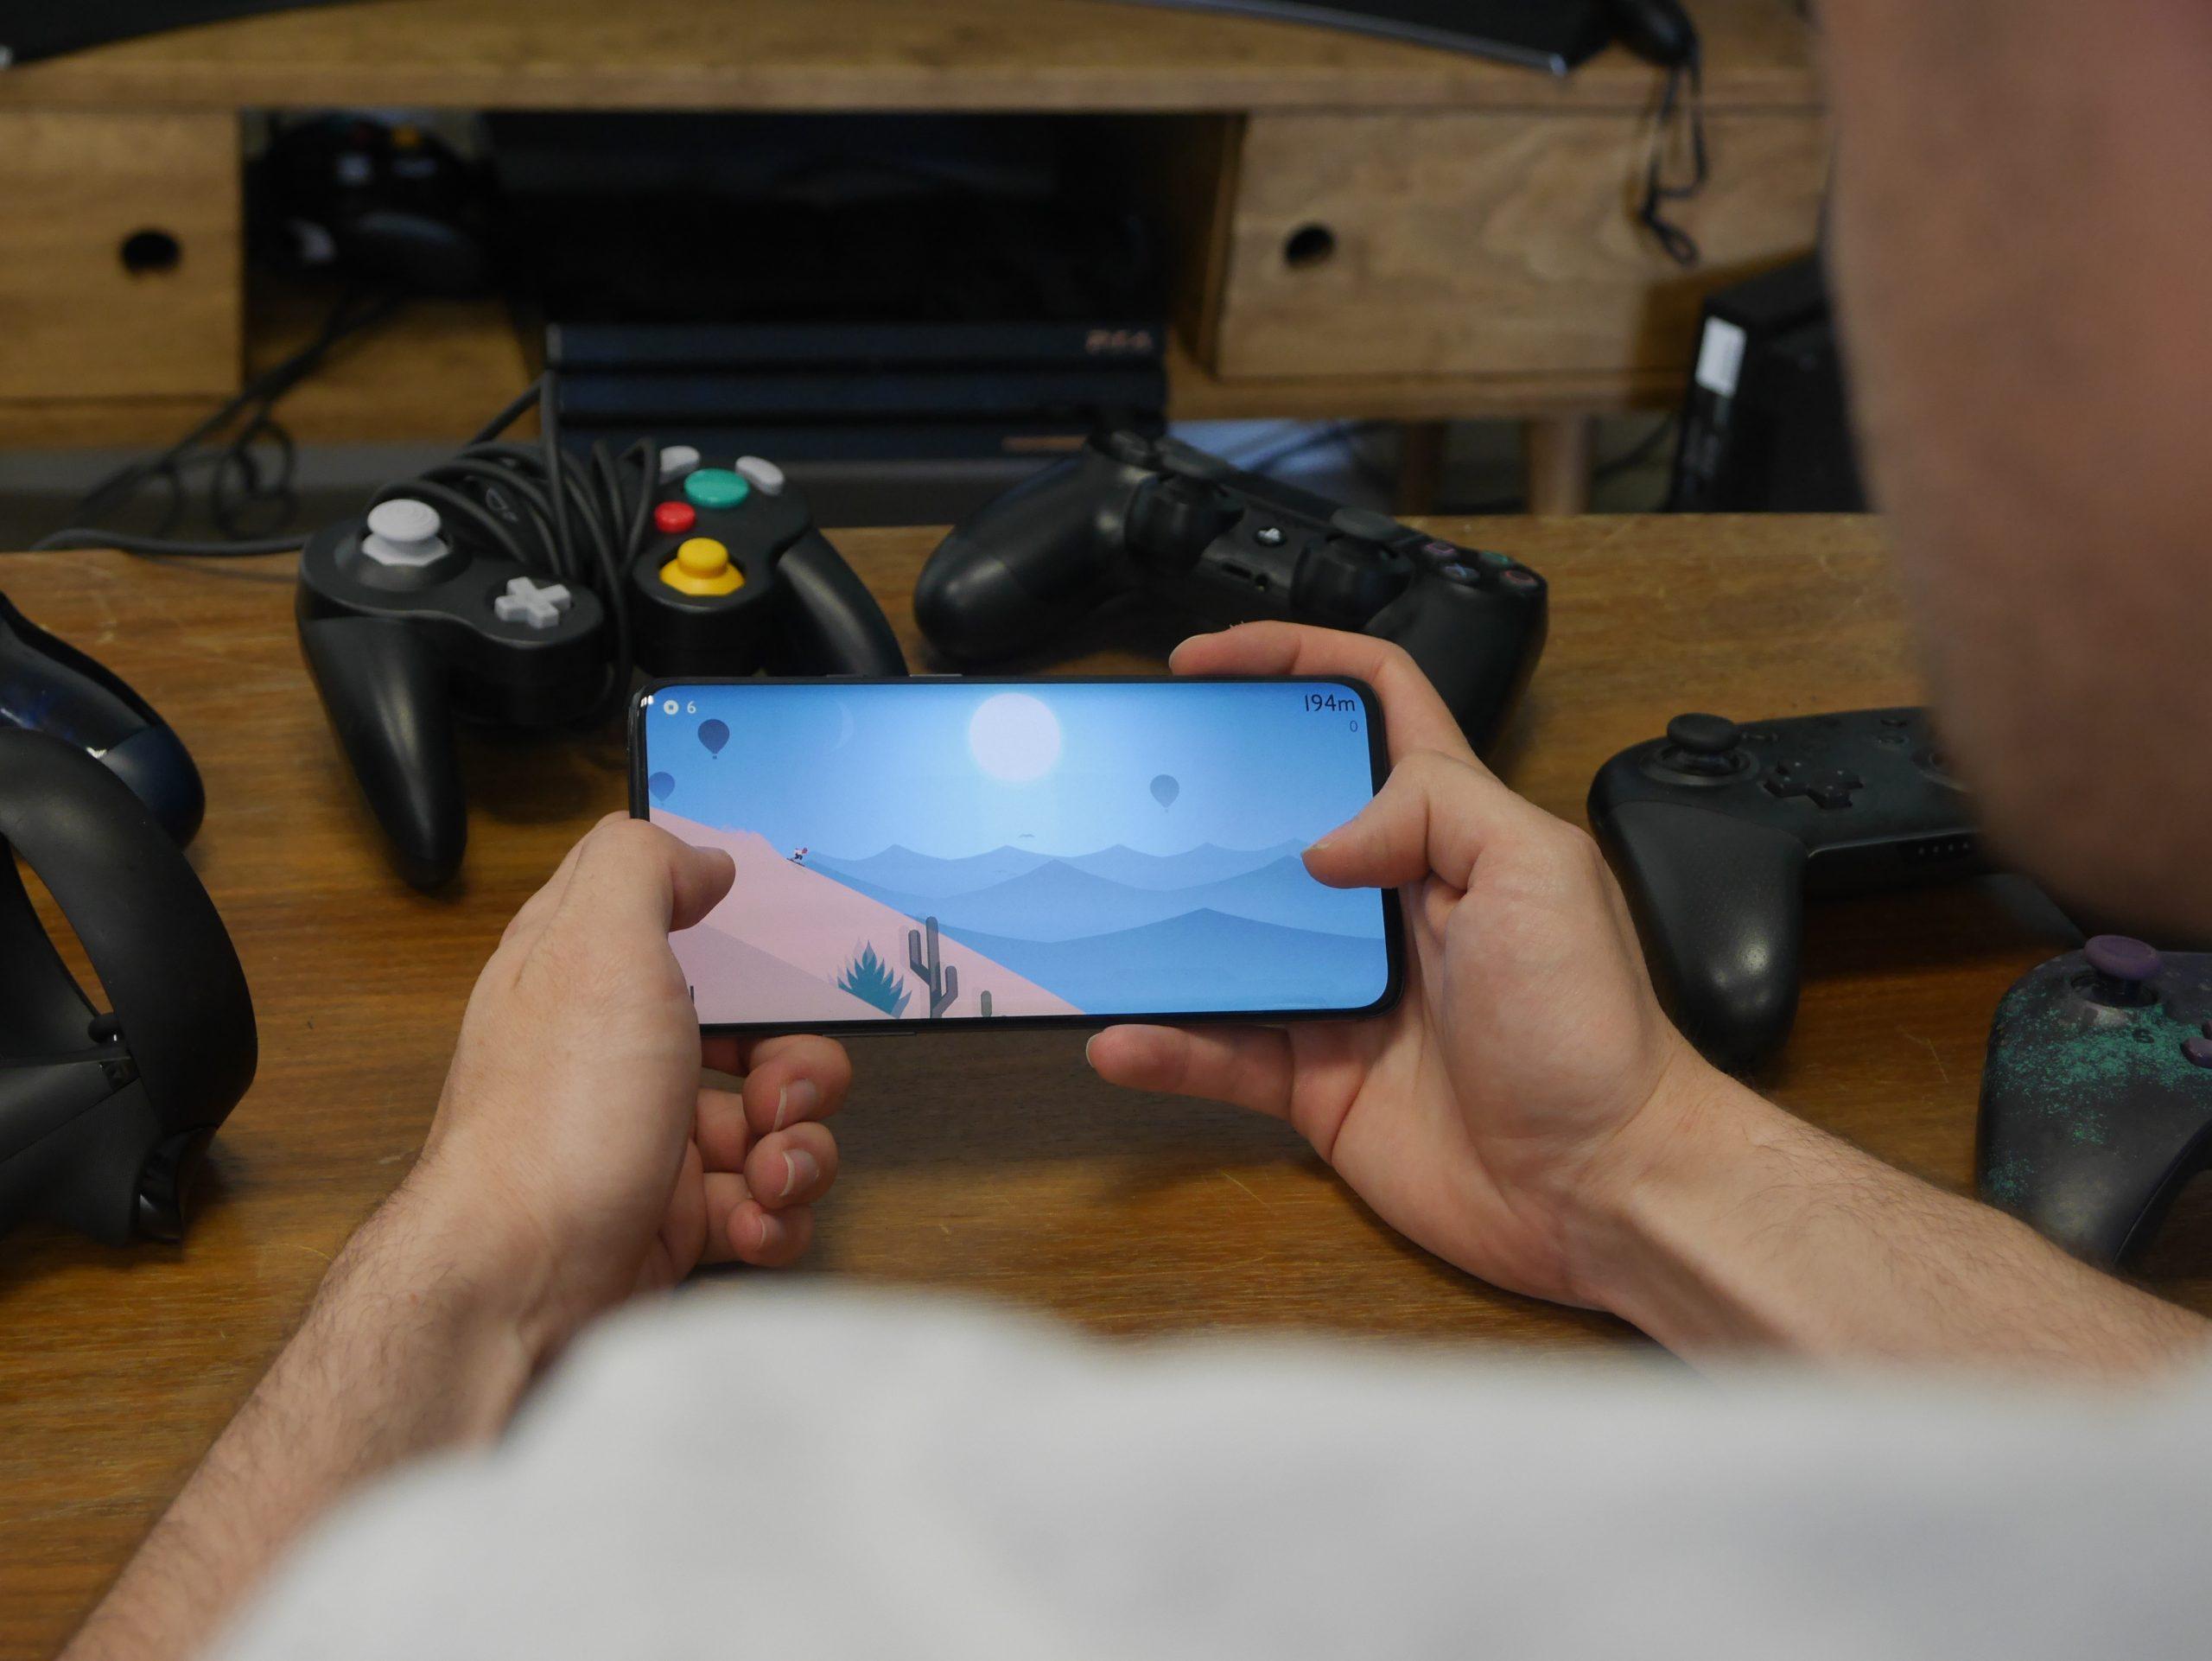 Les Meilleurs Jeux Gratuits Sur Android En 2020 avec Jeux D Animaux Gratuit